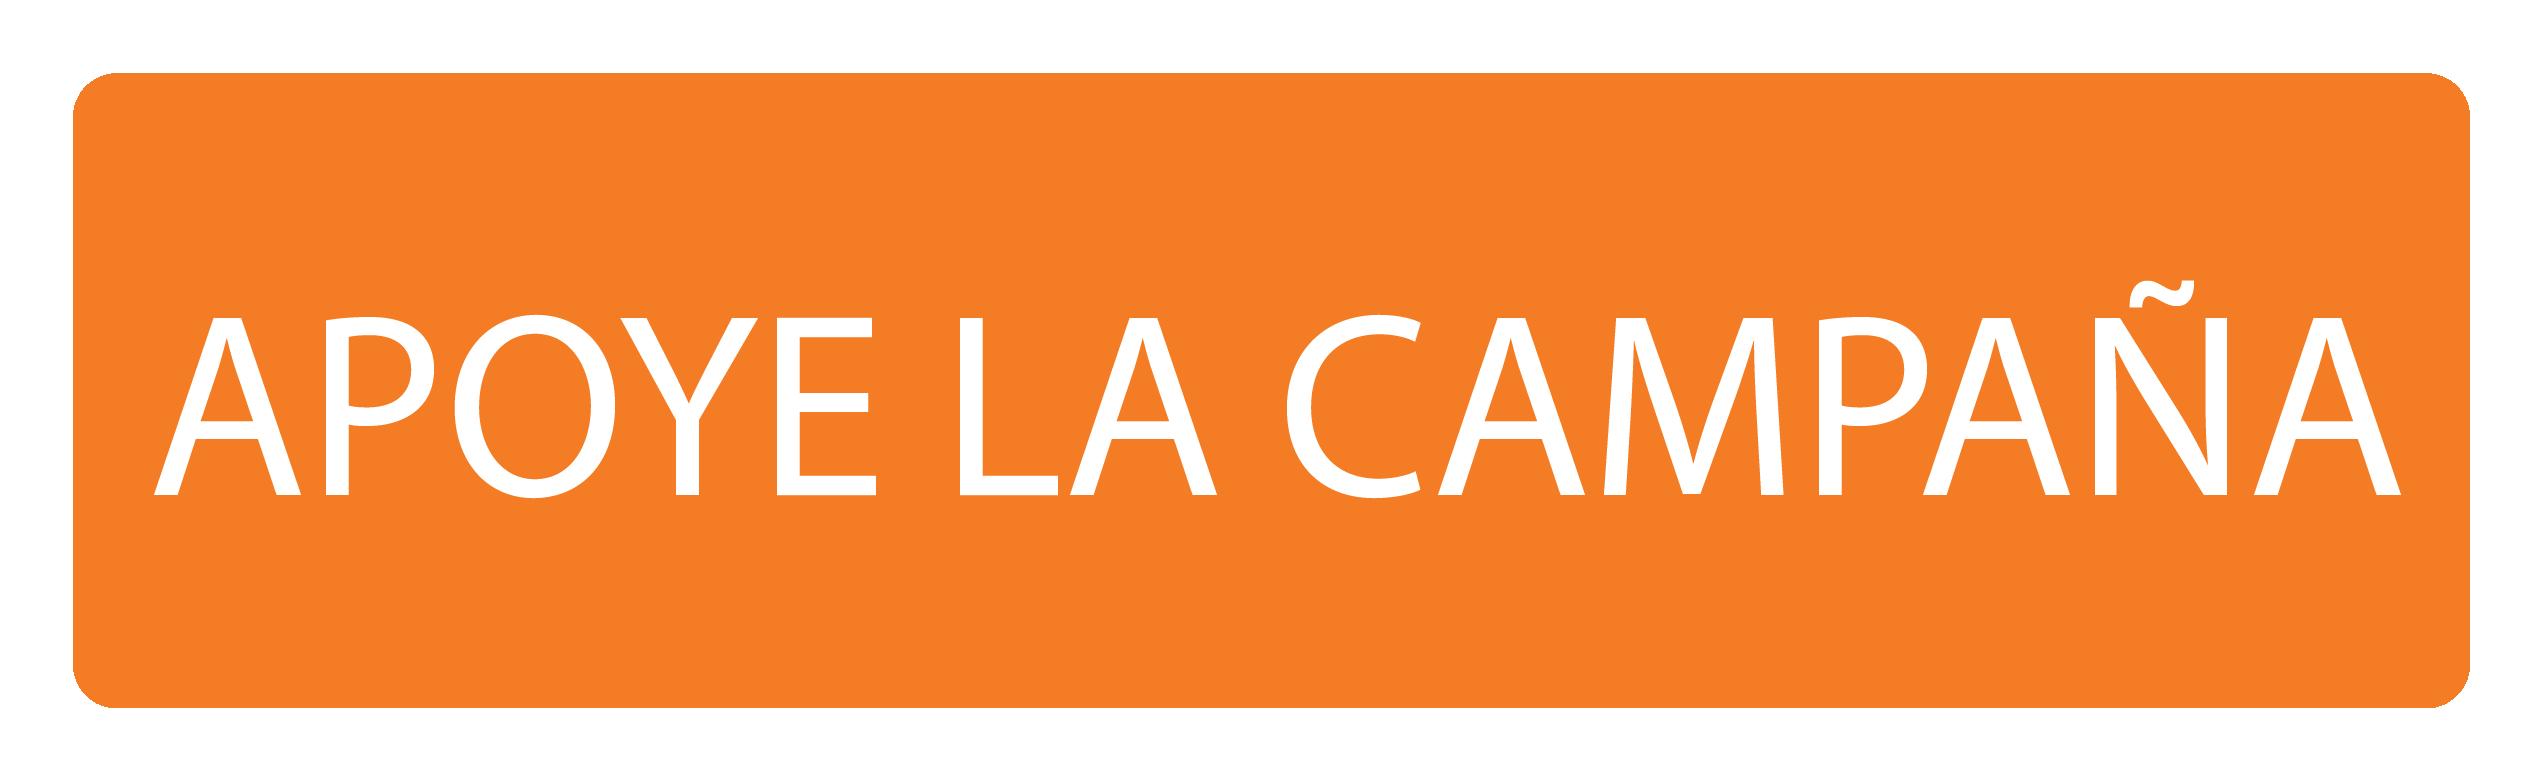 Apoye_la_campaña.png